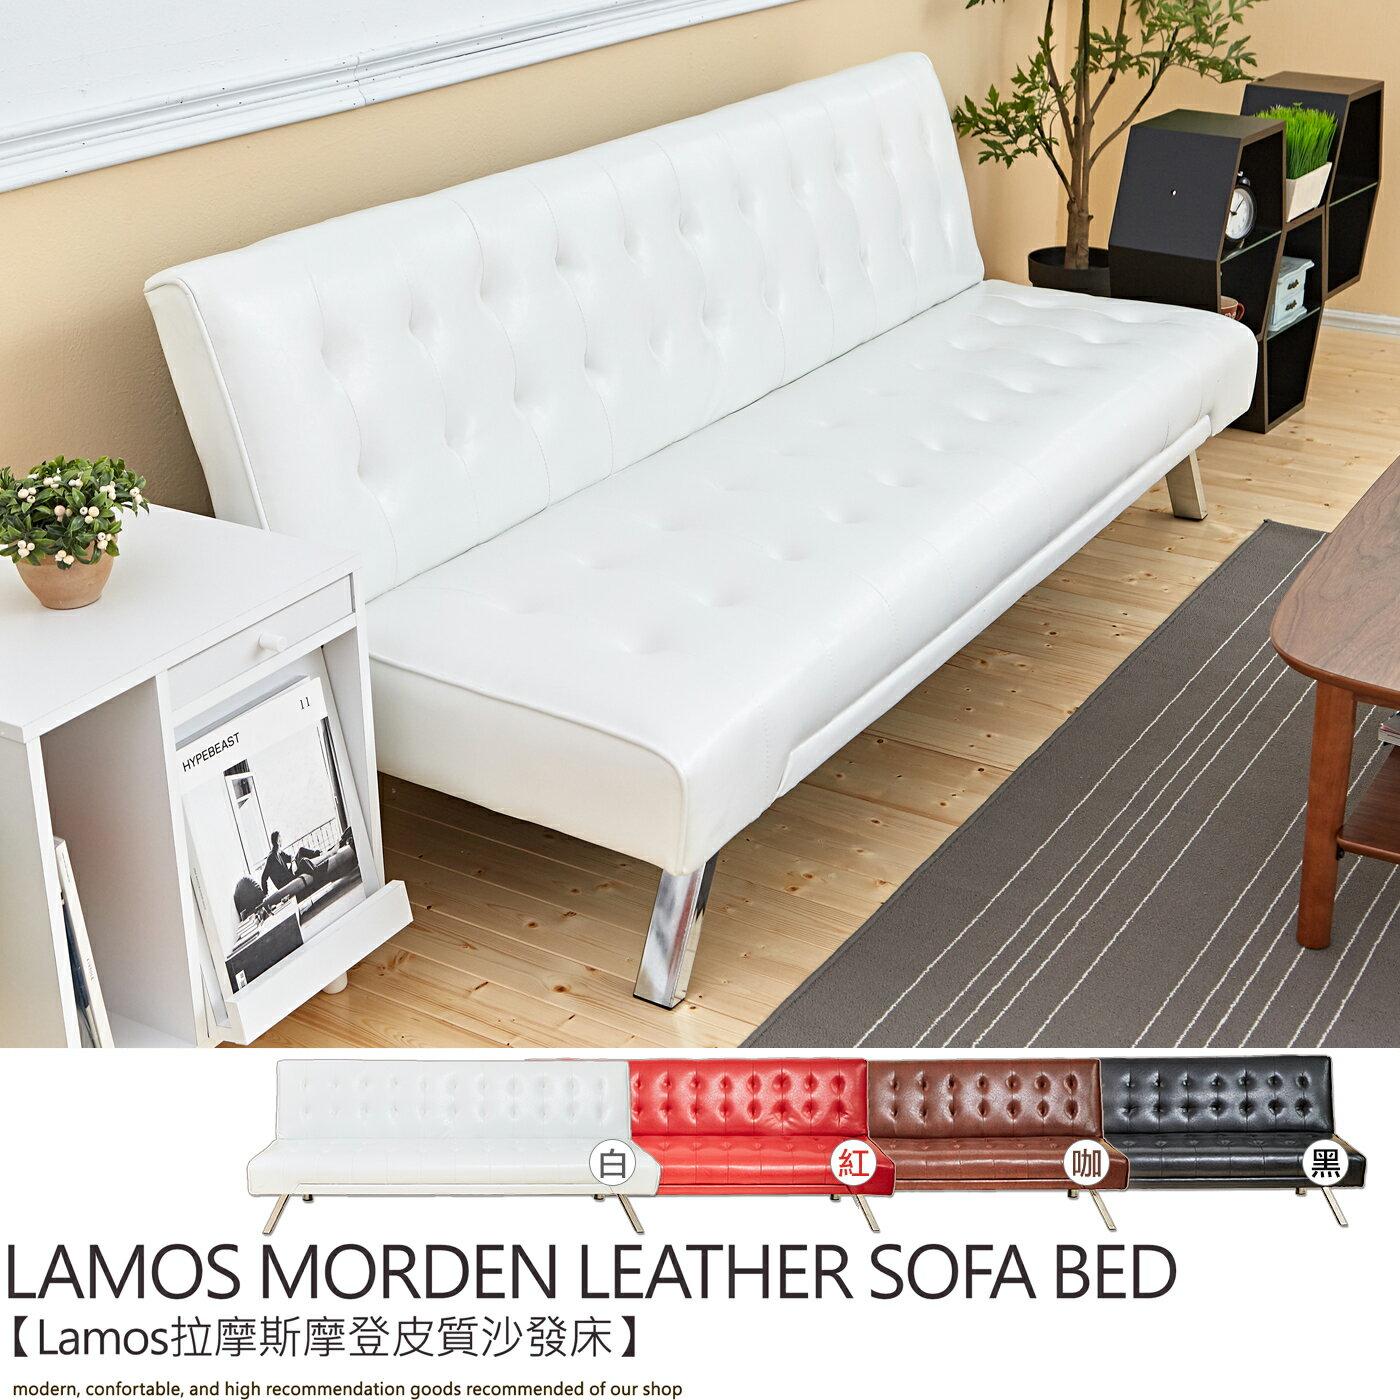 Lamos拉摩斯紐約時尚皮革沙發床★班尼斯國際家具名床 3